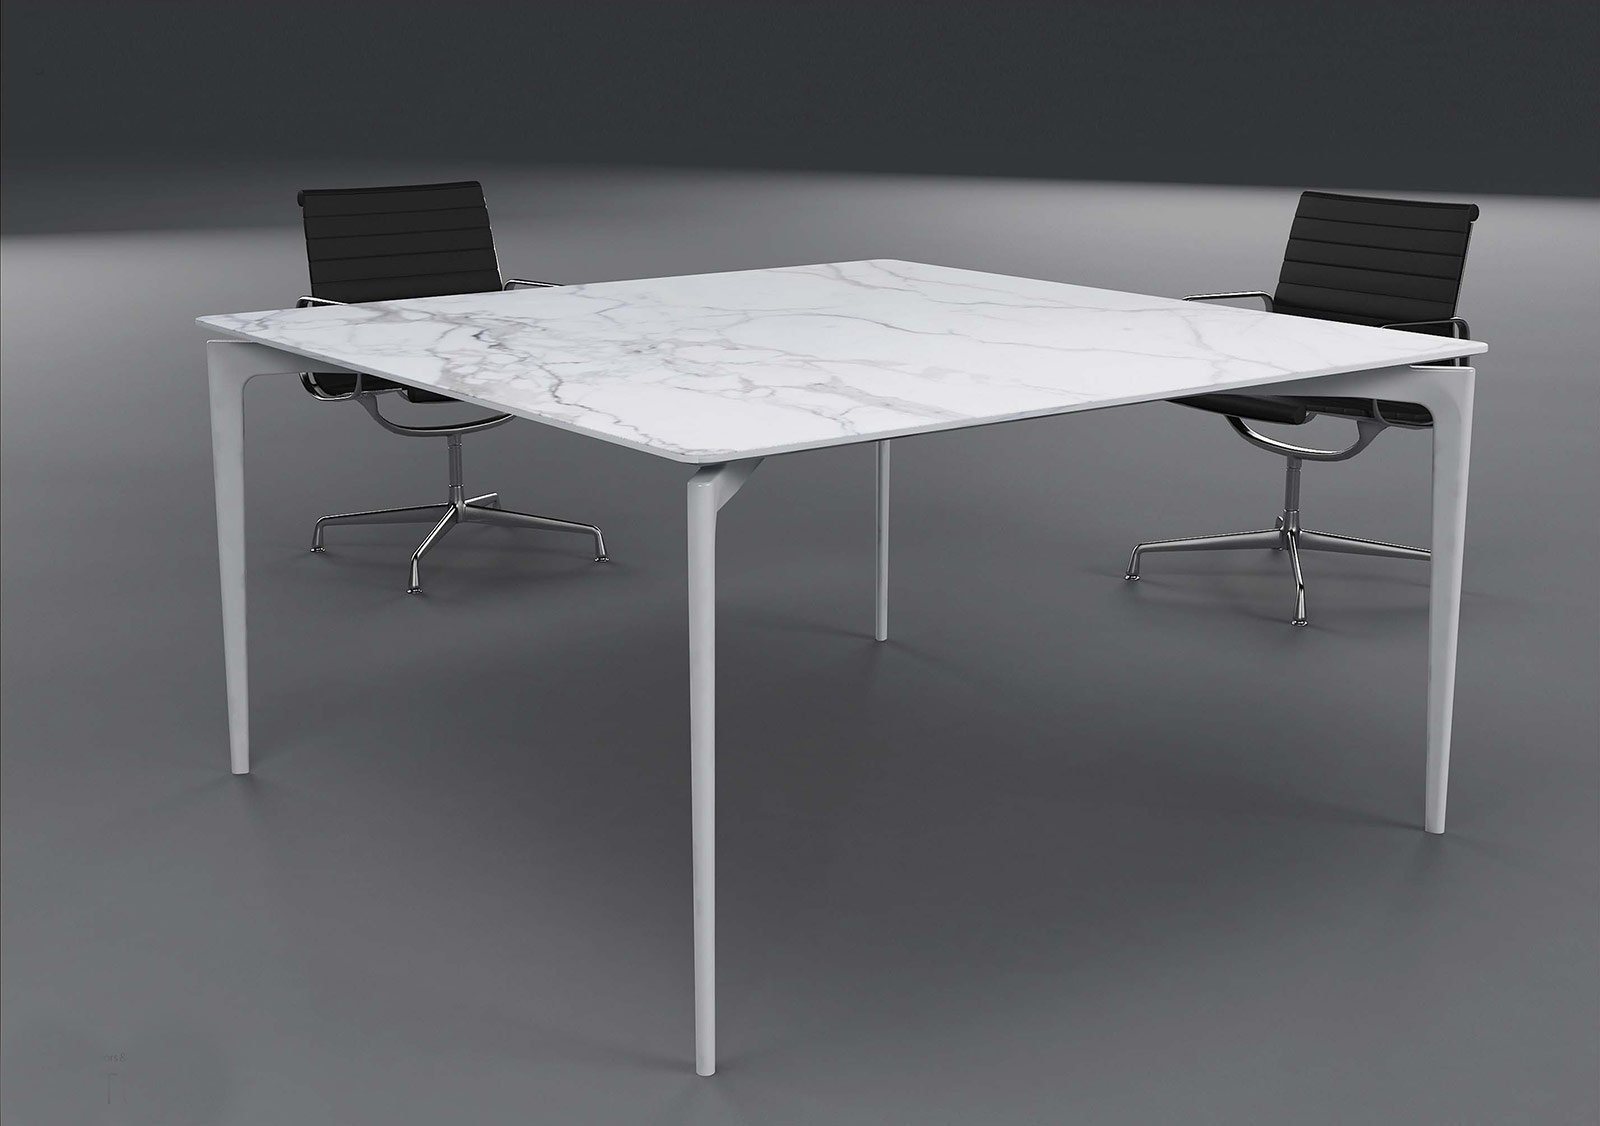 Piano è Disponibile In Marmo Legno Cristallo O Laminato. Si Può #5F5F6C 1600 1126 Tavoli Da Pranzo Con Piano In Marmo